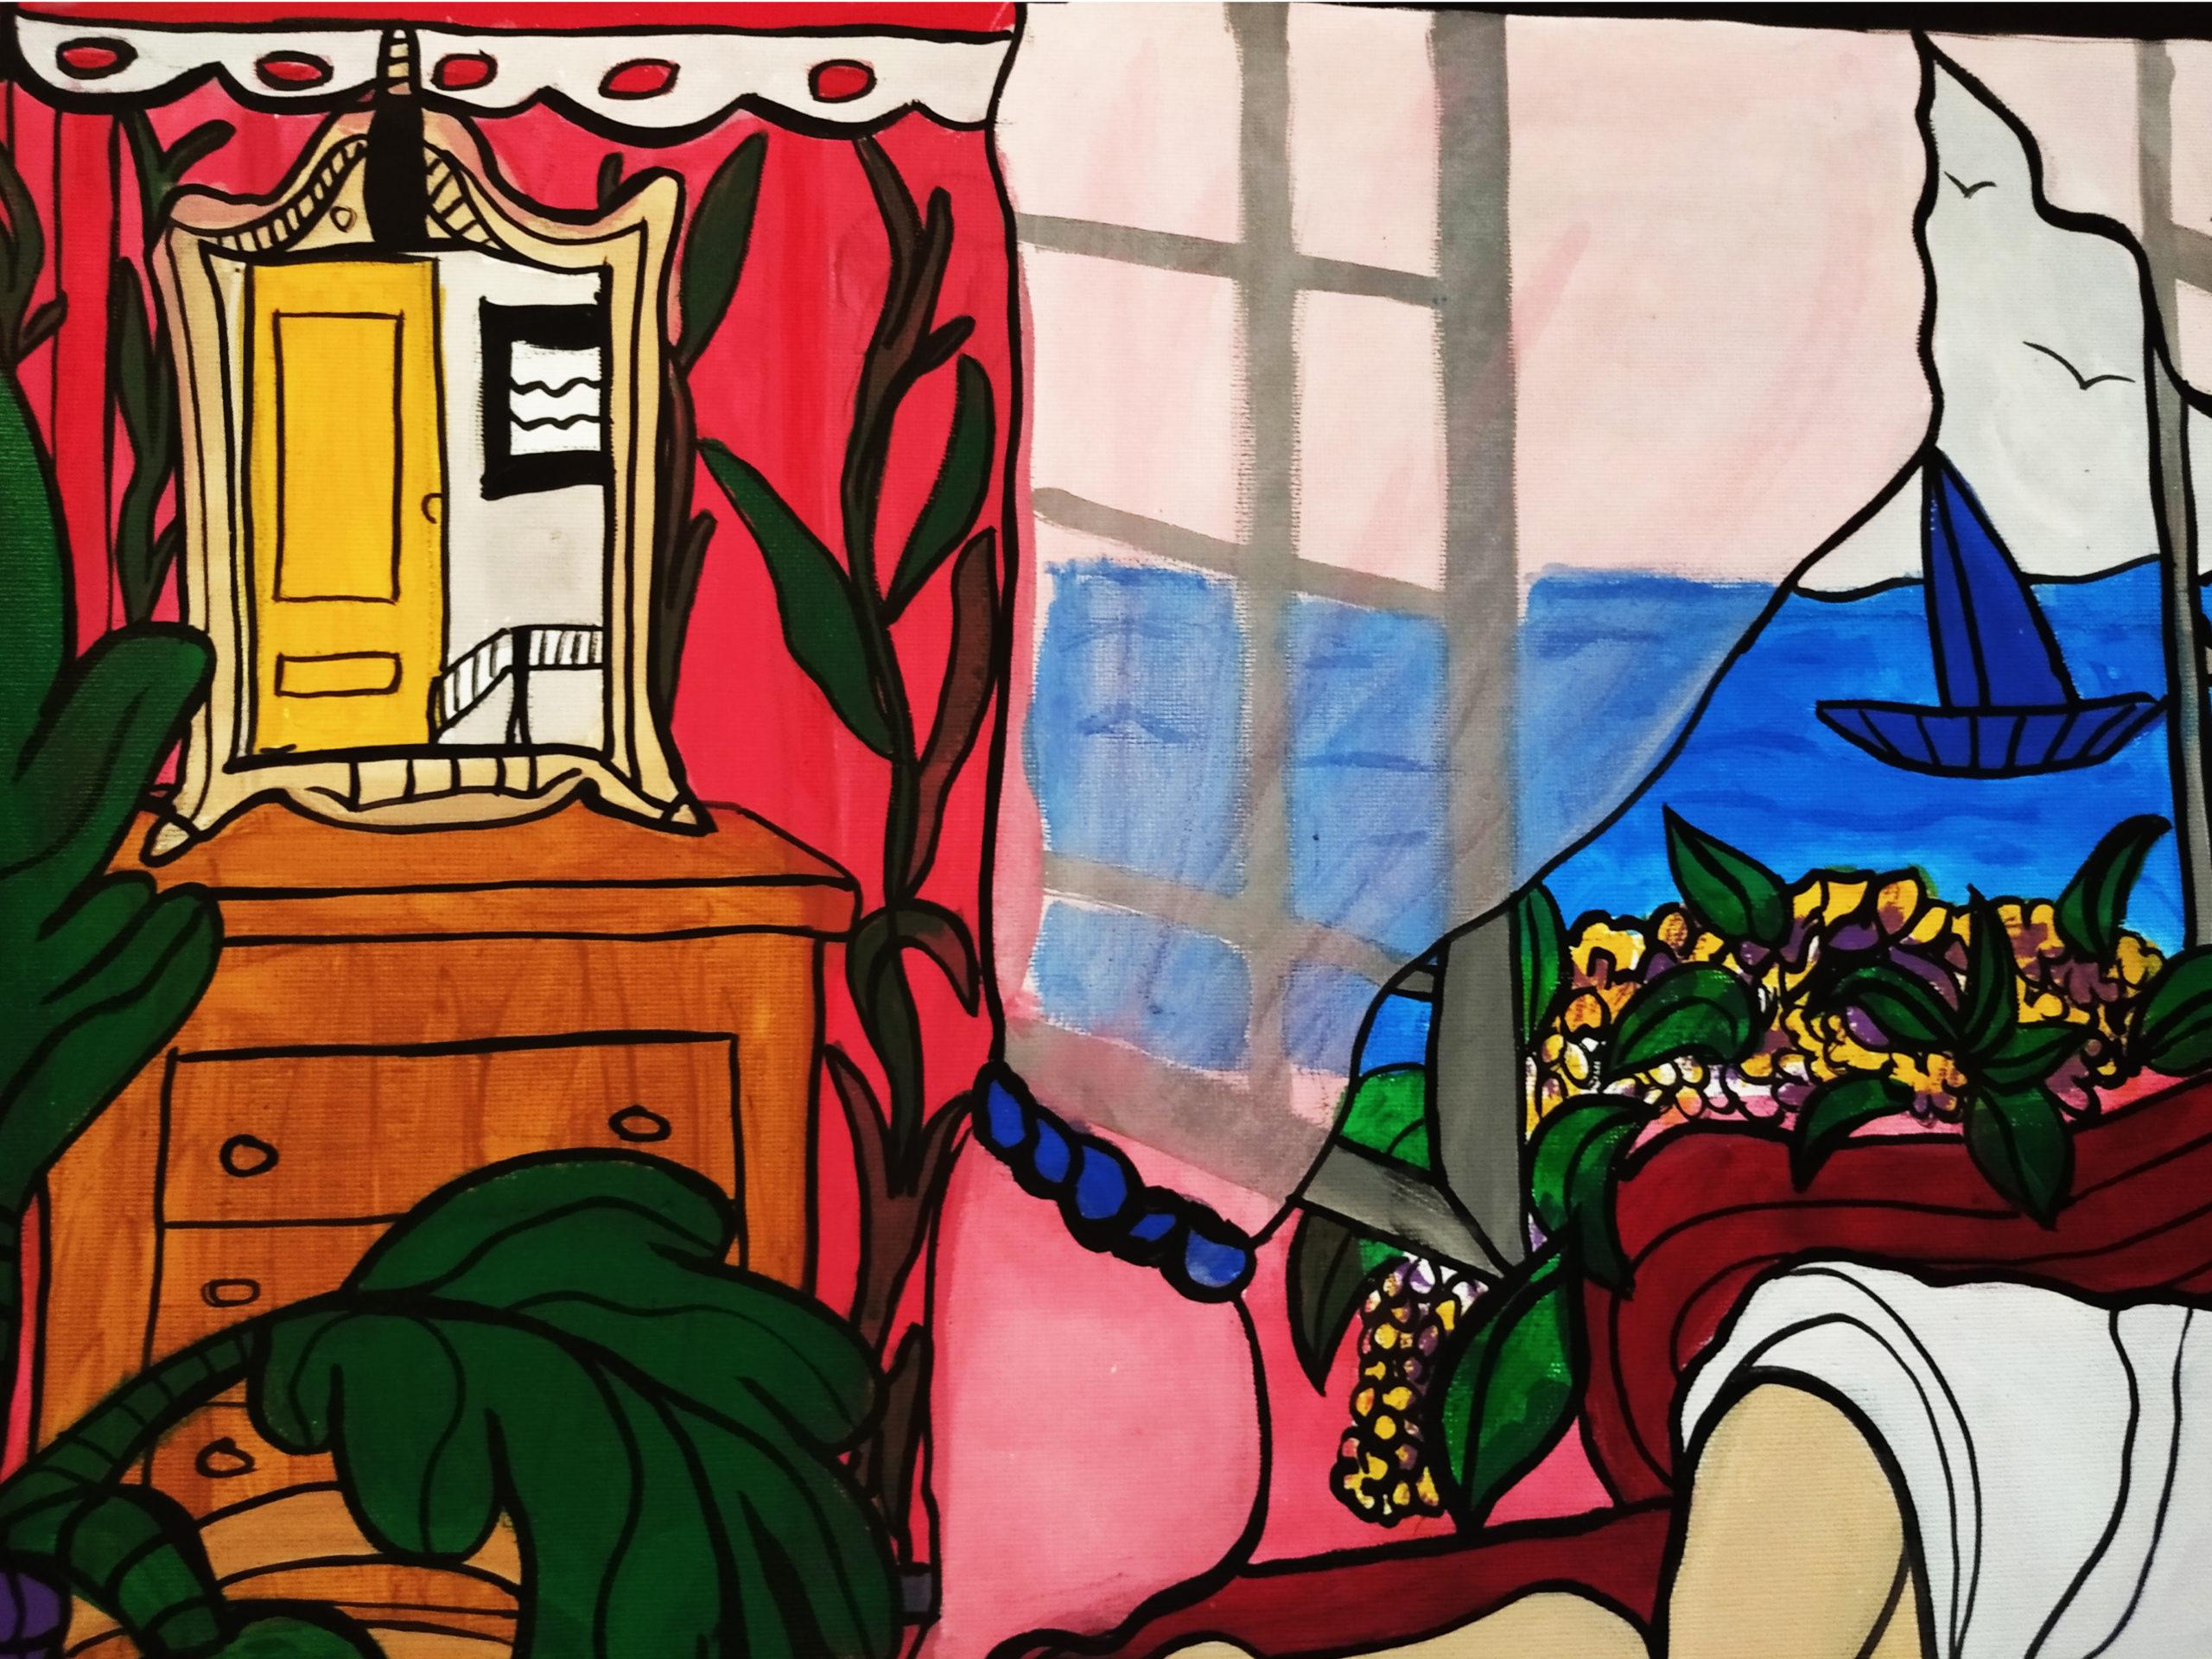 Acrylic on canvas | 80cmx60cm | £ TBC